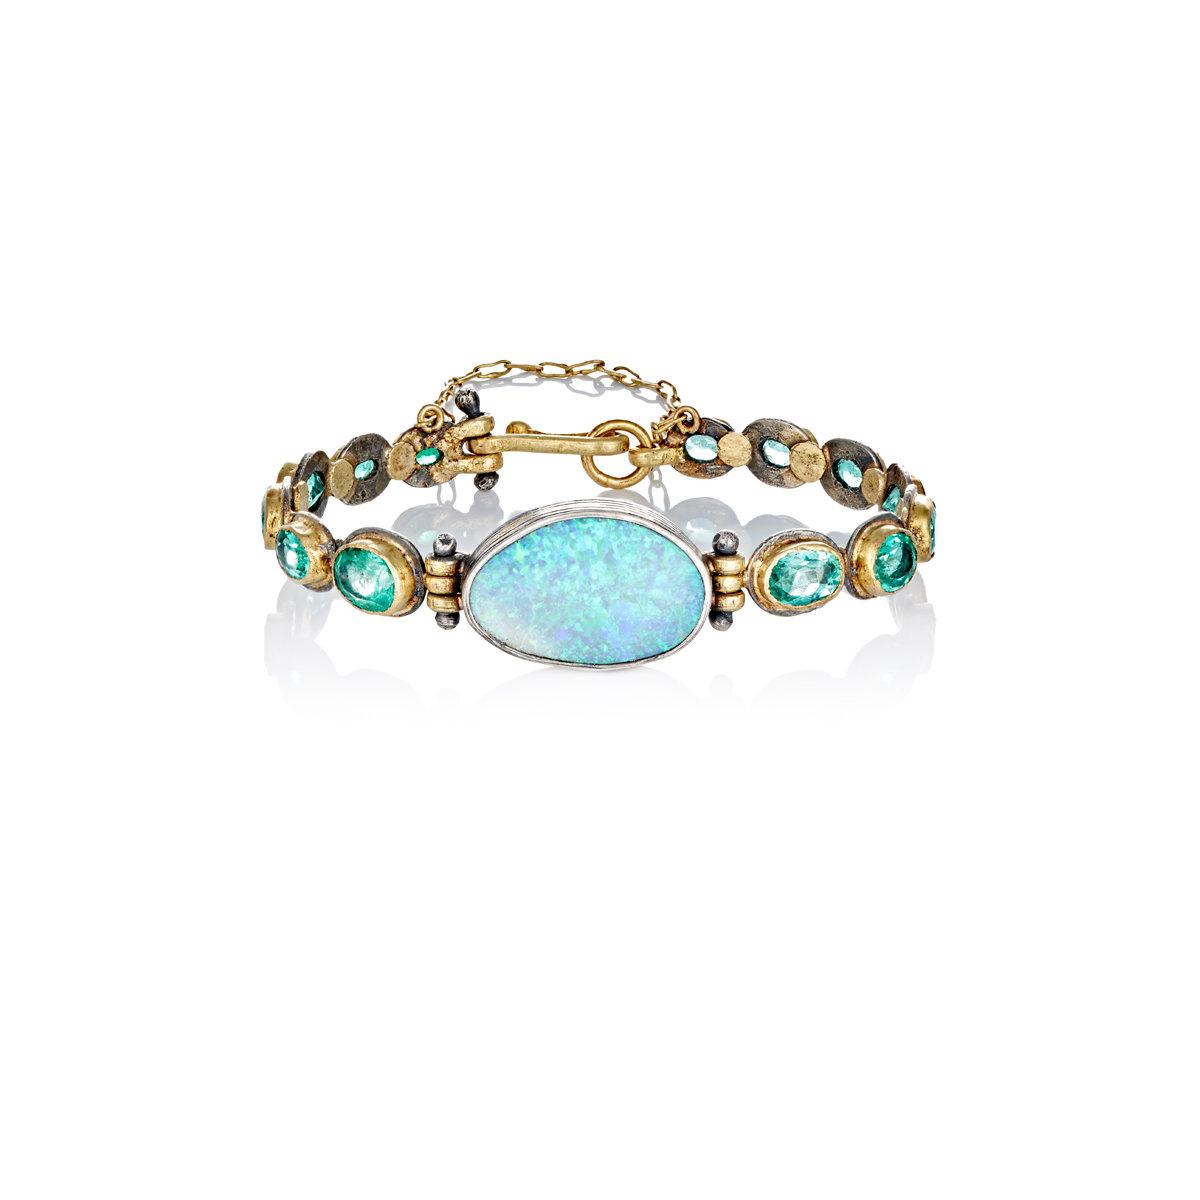 Judy Geib Womens Amazon Bracelet xFbWuSE3C